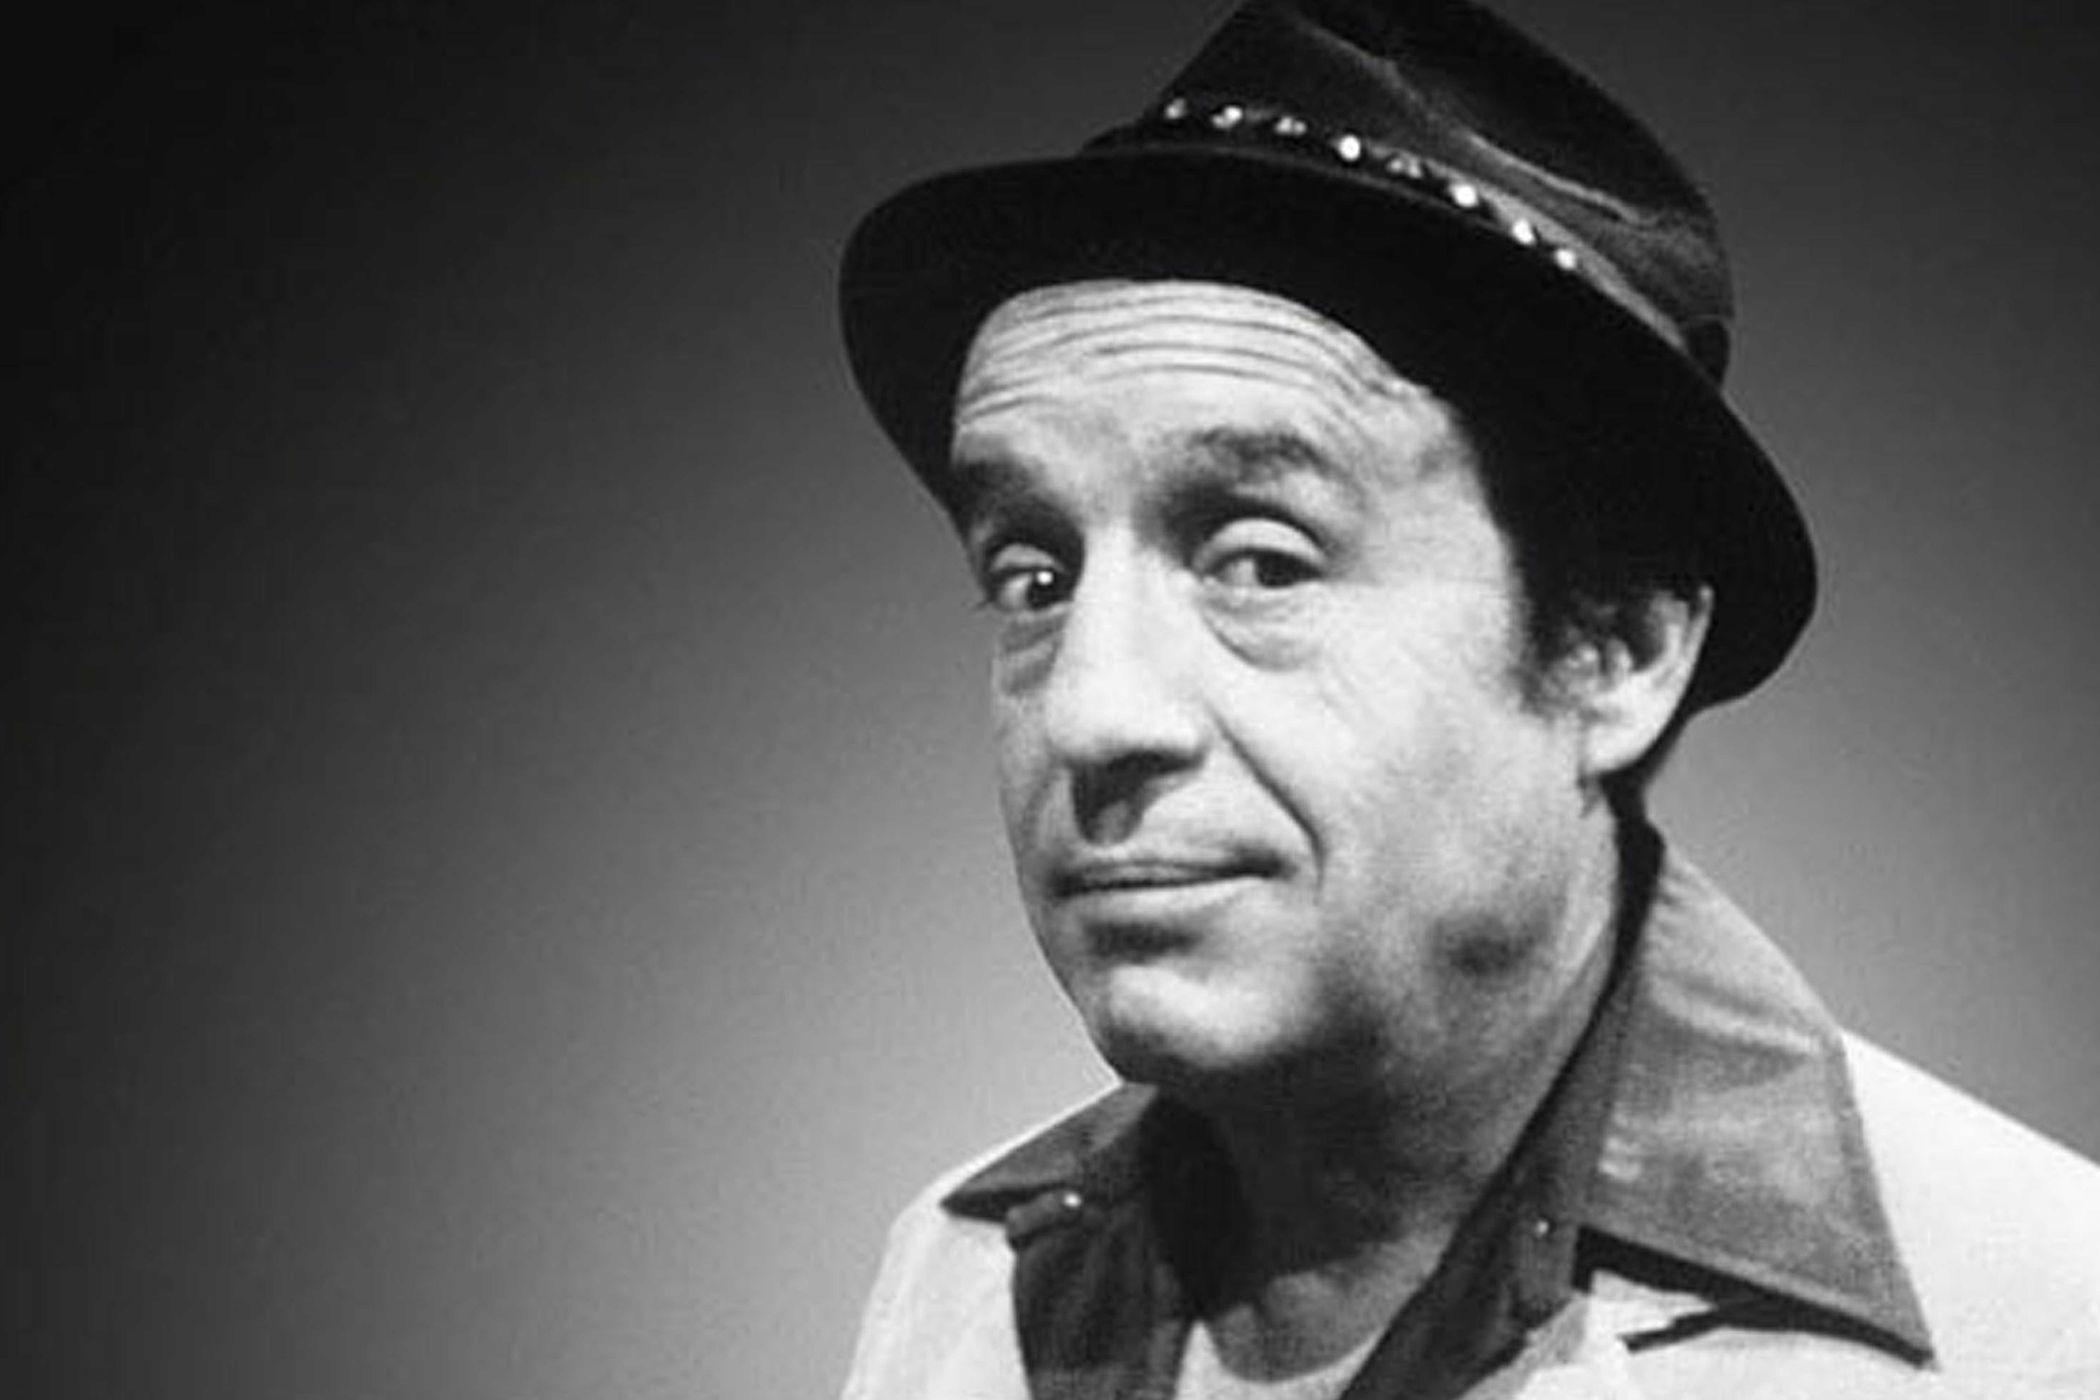 ¿Cómo era el sobrenombre de Roberto Gómez Bolaños, creador de la serie?